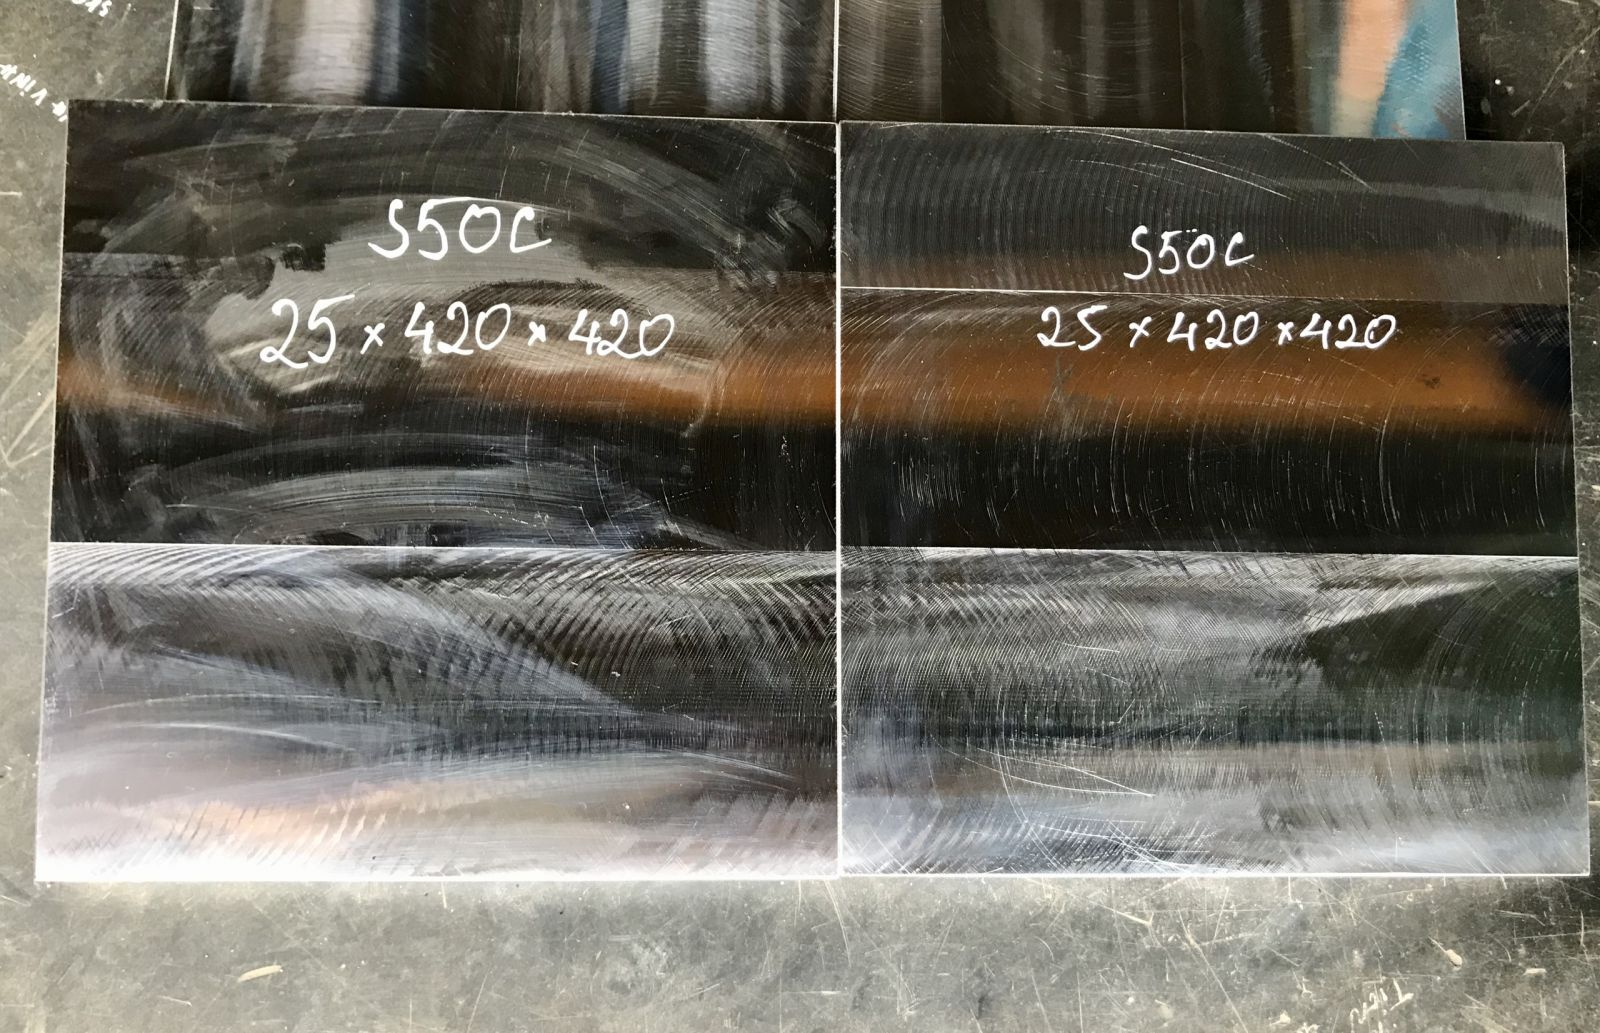 Gia công phay - Thép S50C